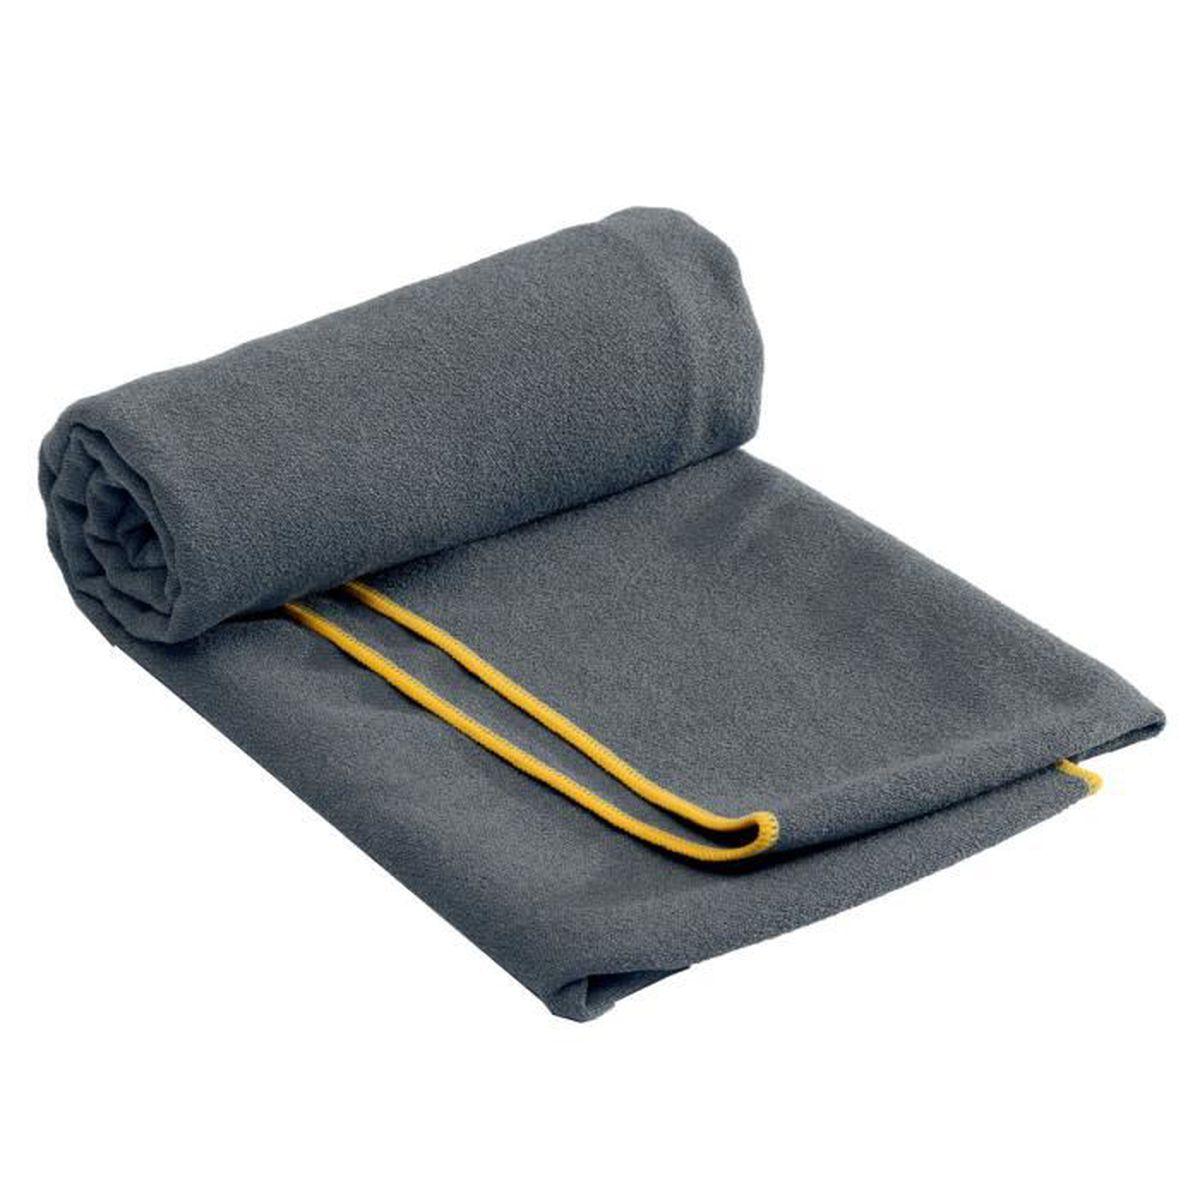 Yoga Serviettes Microfibre De Fitness Tapis De Sport Ardois Prix Pas Cher Cdiscount